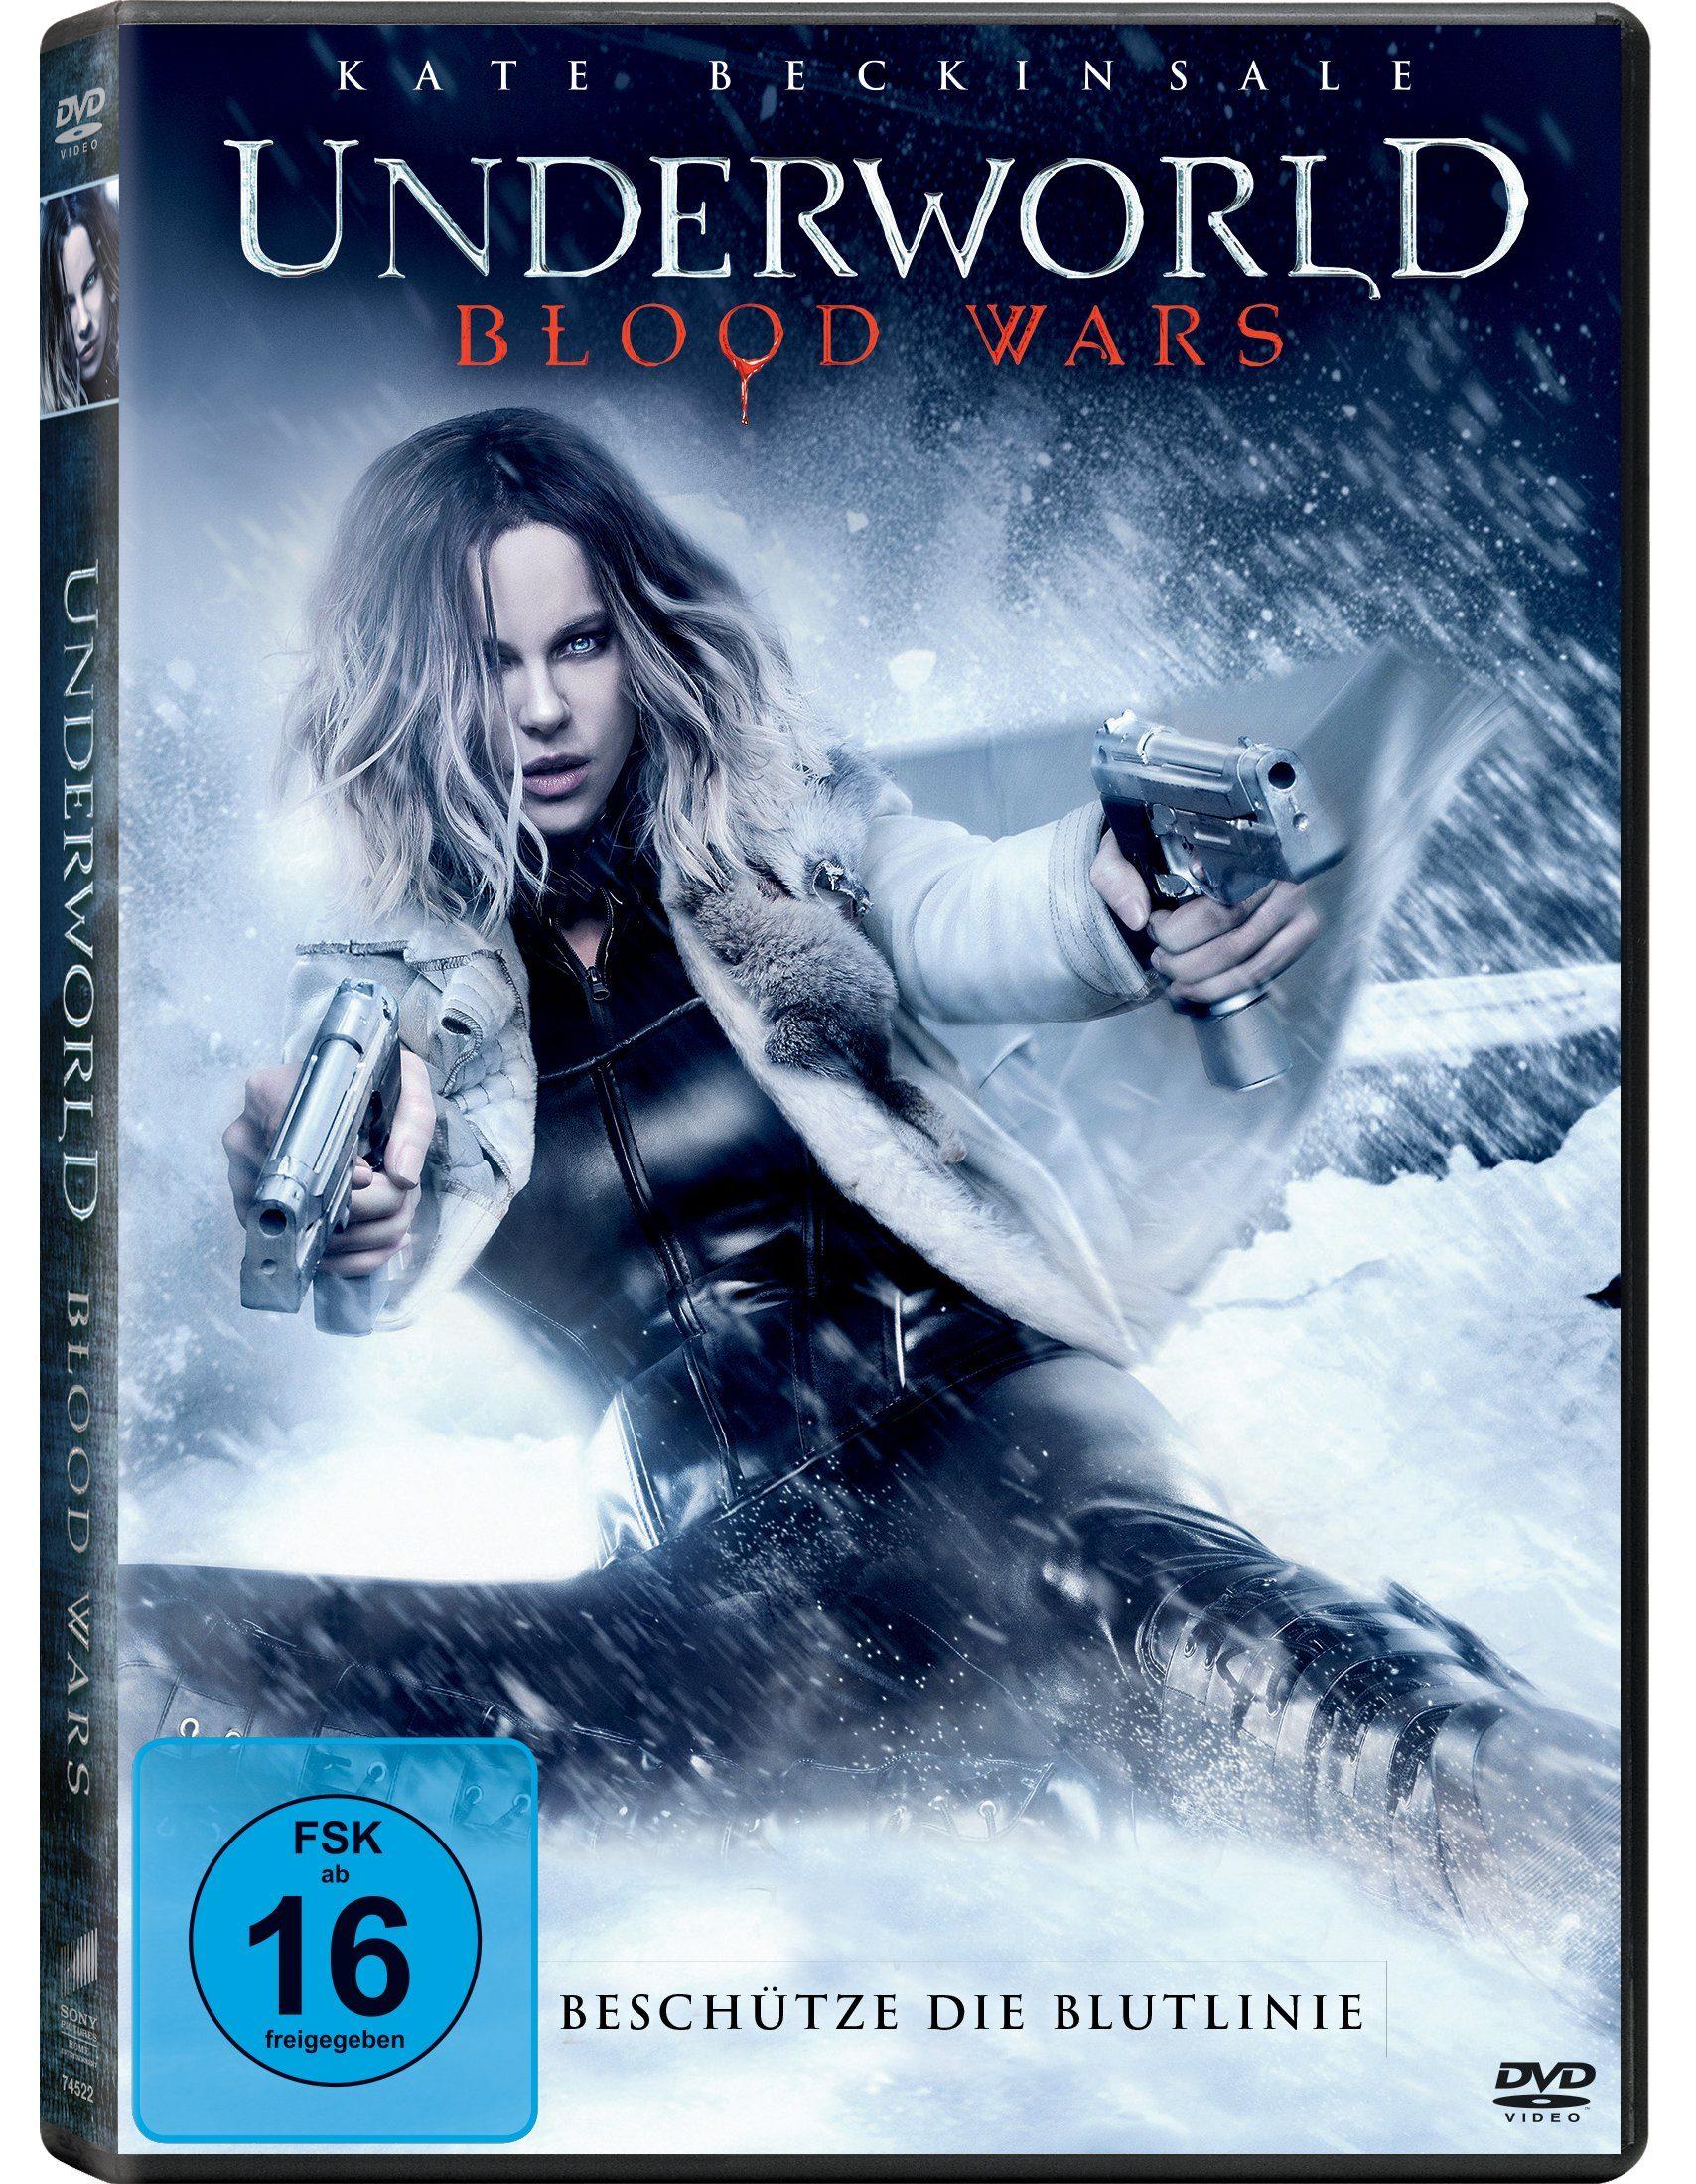 Sony Pictures DVD »Underworld: Blood Wars«